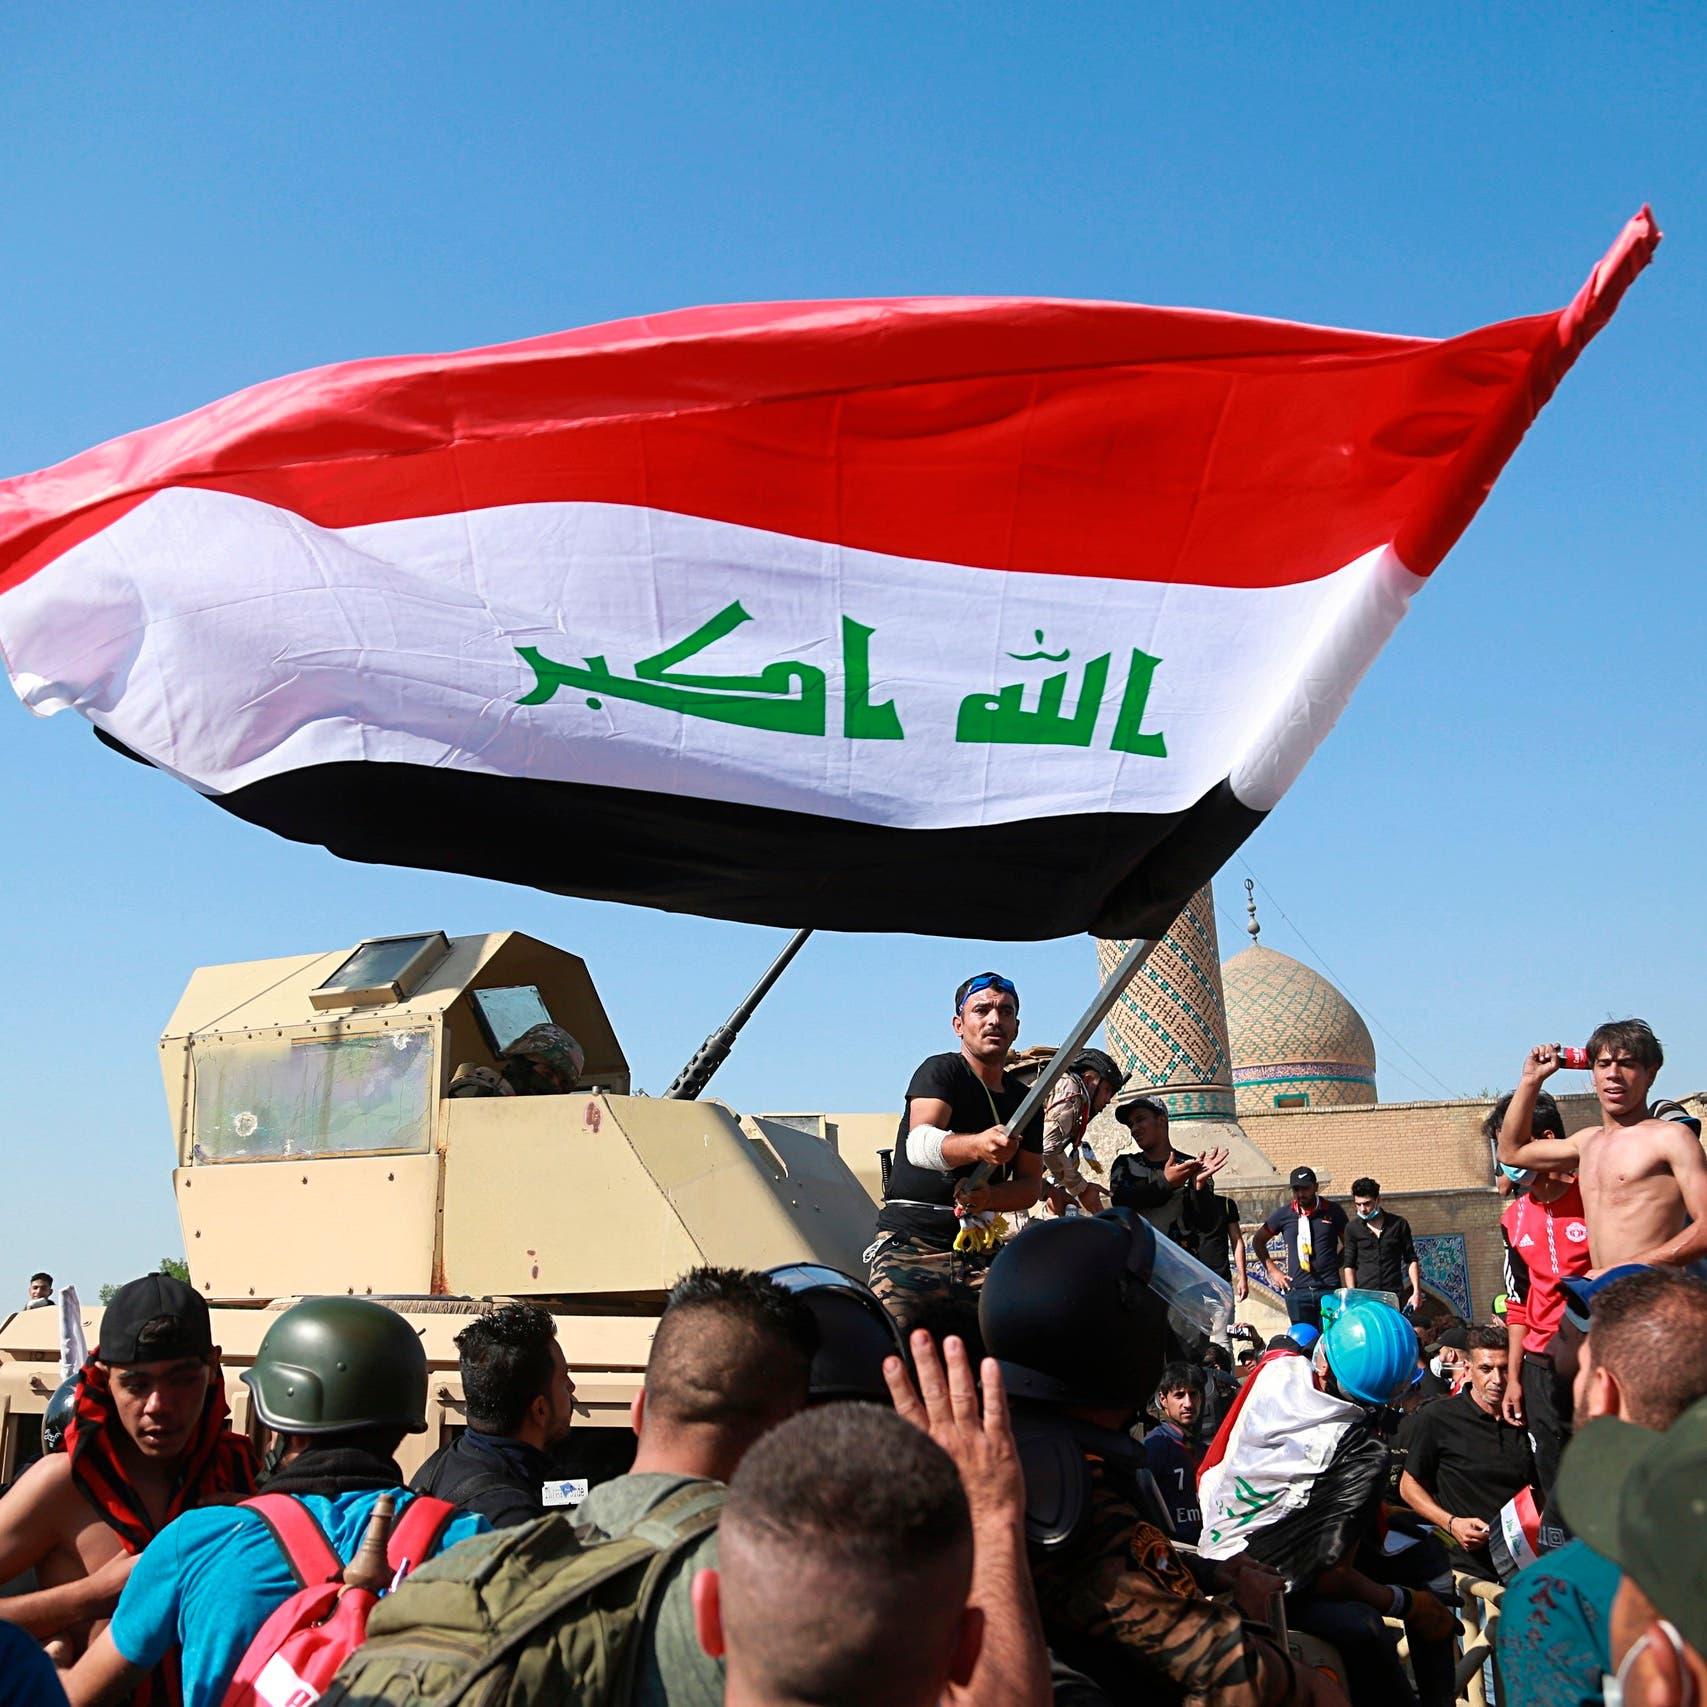 القوات المسلحة العراقية تطالب المتظاهرين بتجنب العنف